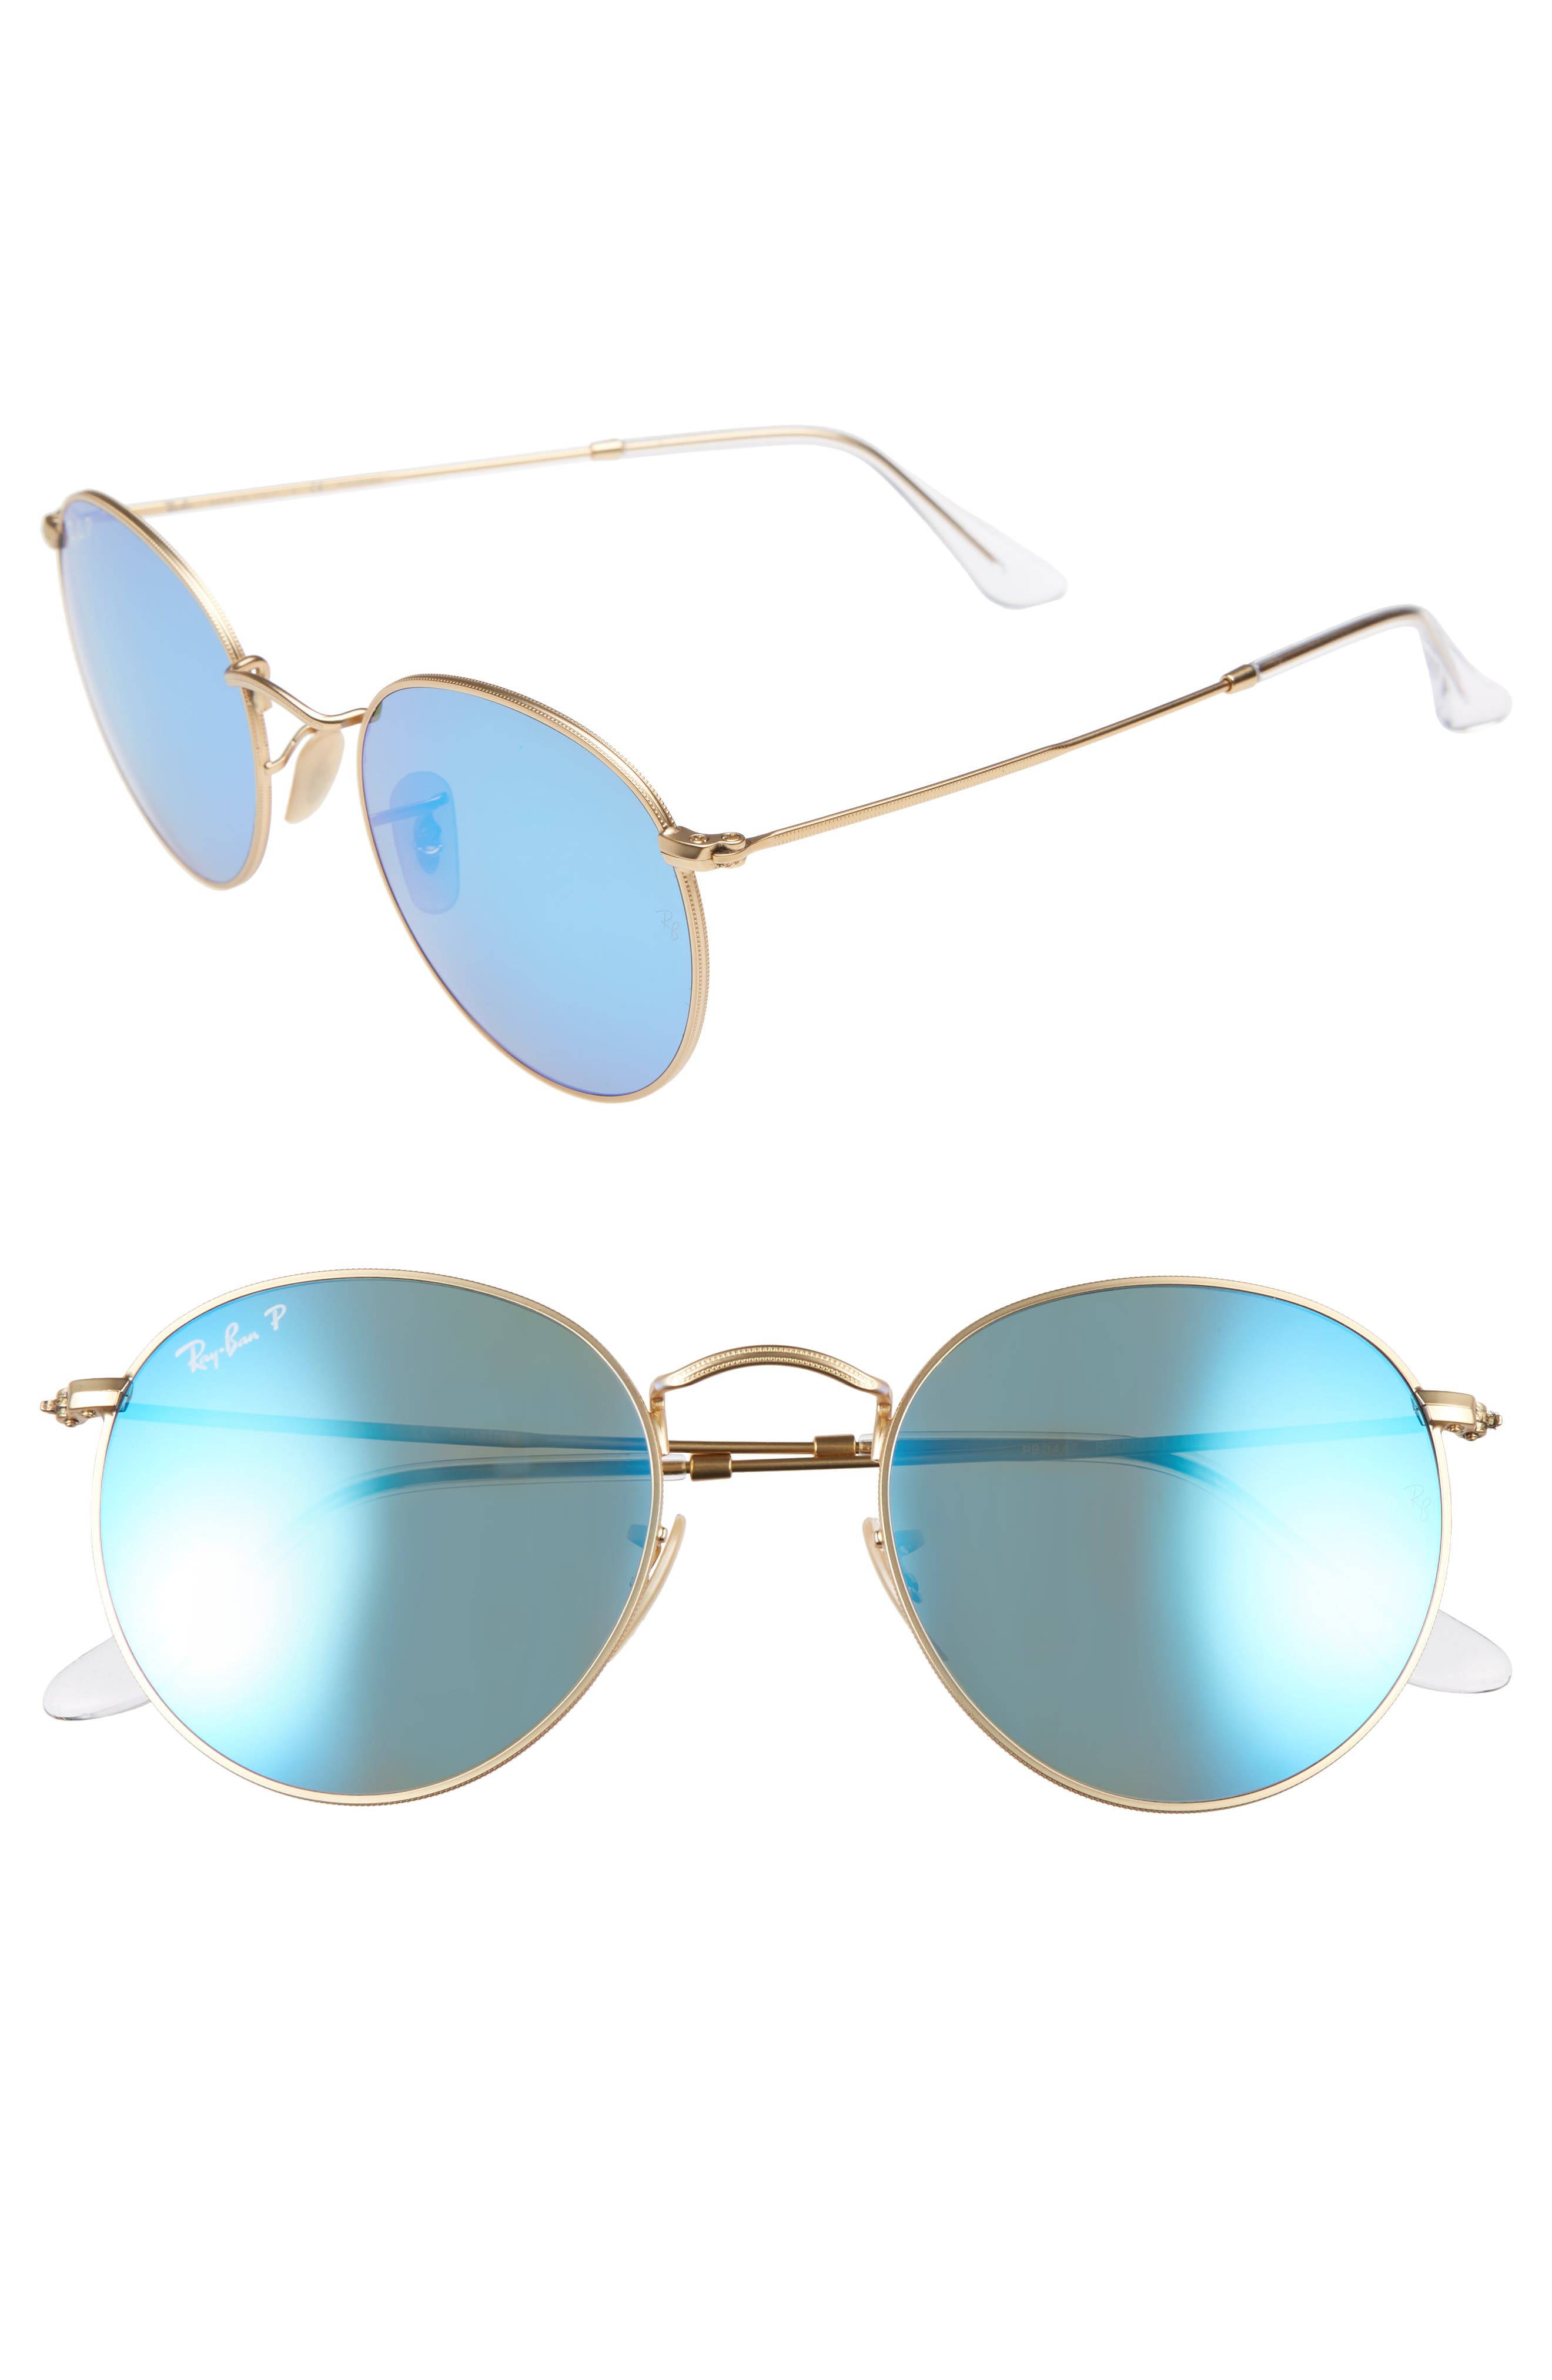 53mm Polarized Round Retro Sunglasses,                         Main,                         color, Blue Mirror